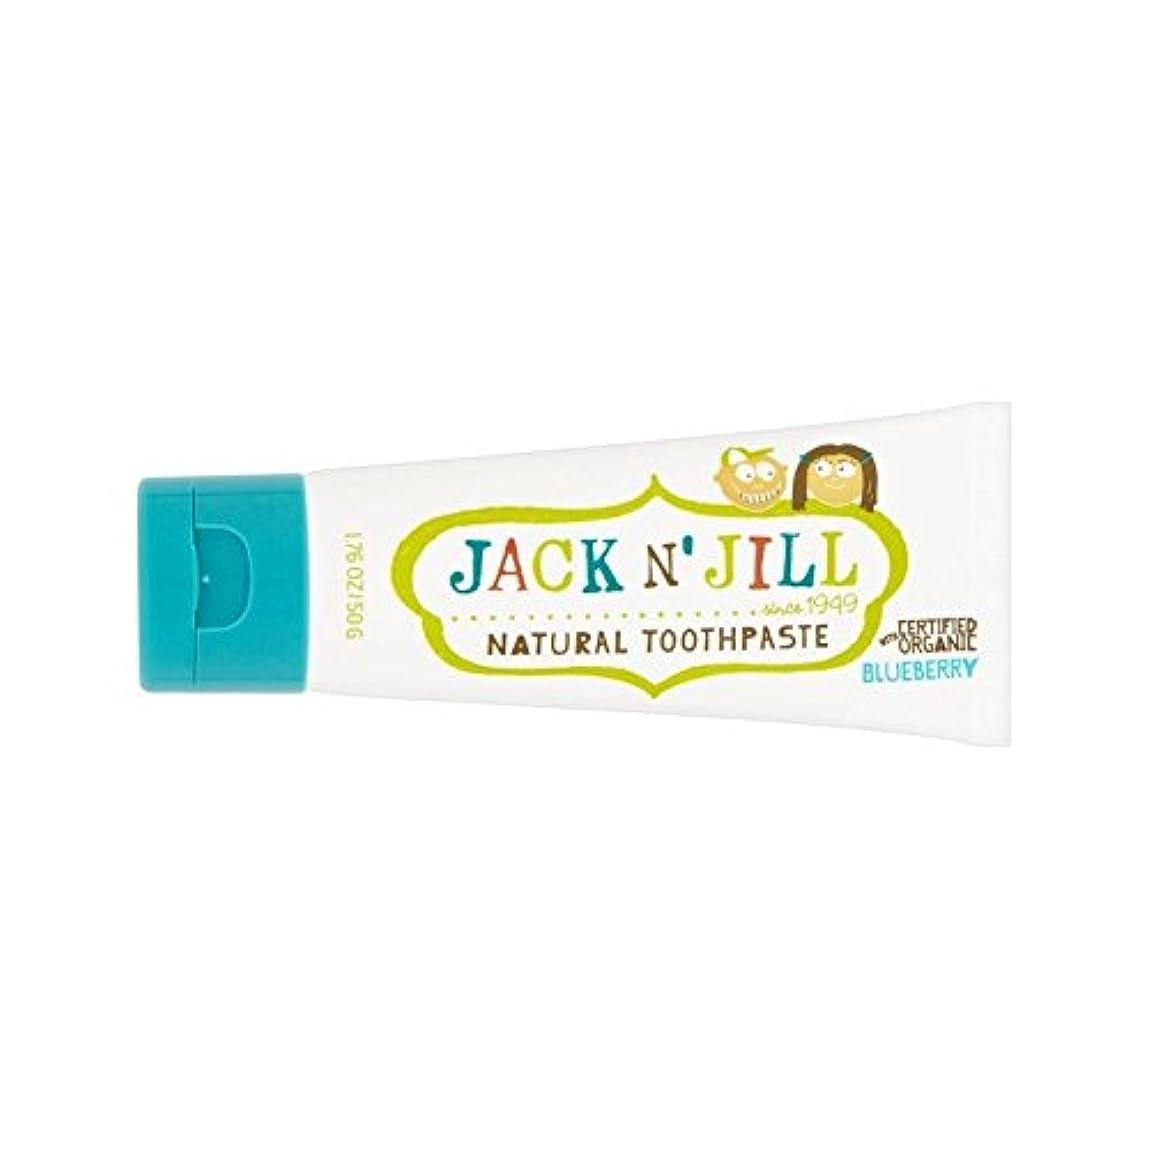 宿題をする組み合わせ太字有機香味50グラムとの自然なブルーベリー歯磨き粉 (Jack N Jill) (x 4) - Jack N' Jill Blueberry Toothpaste Natural with Organic Flavouring...